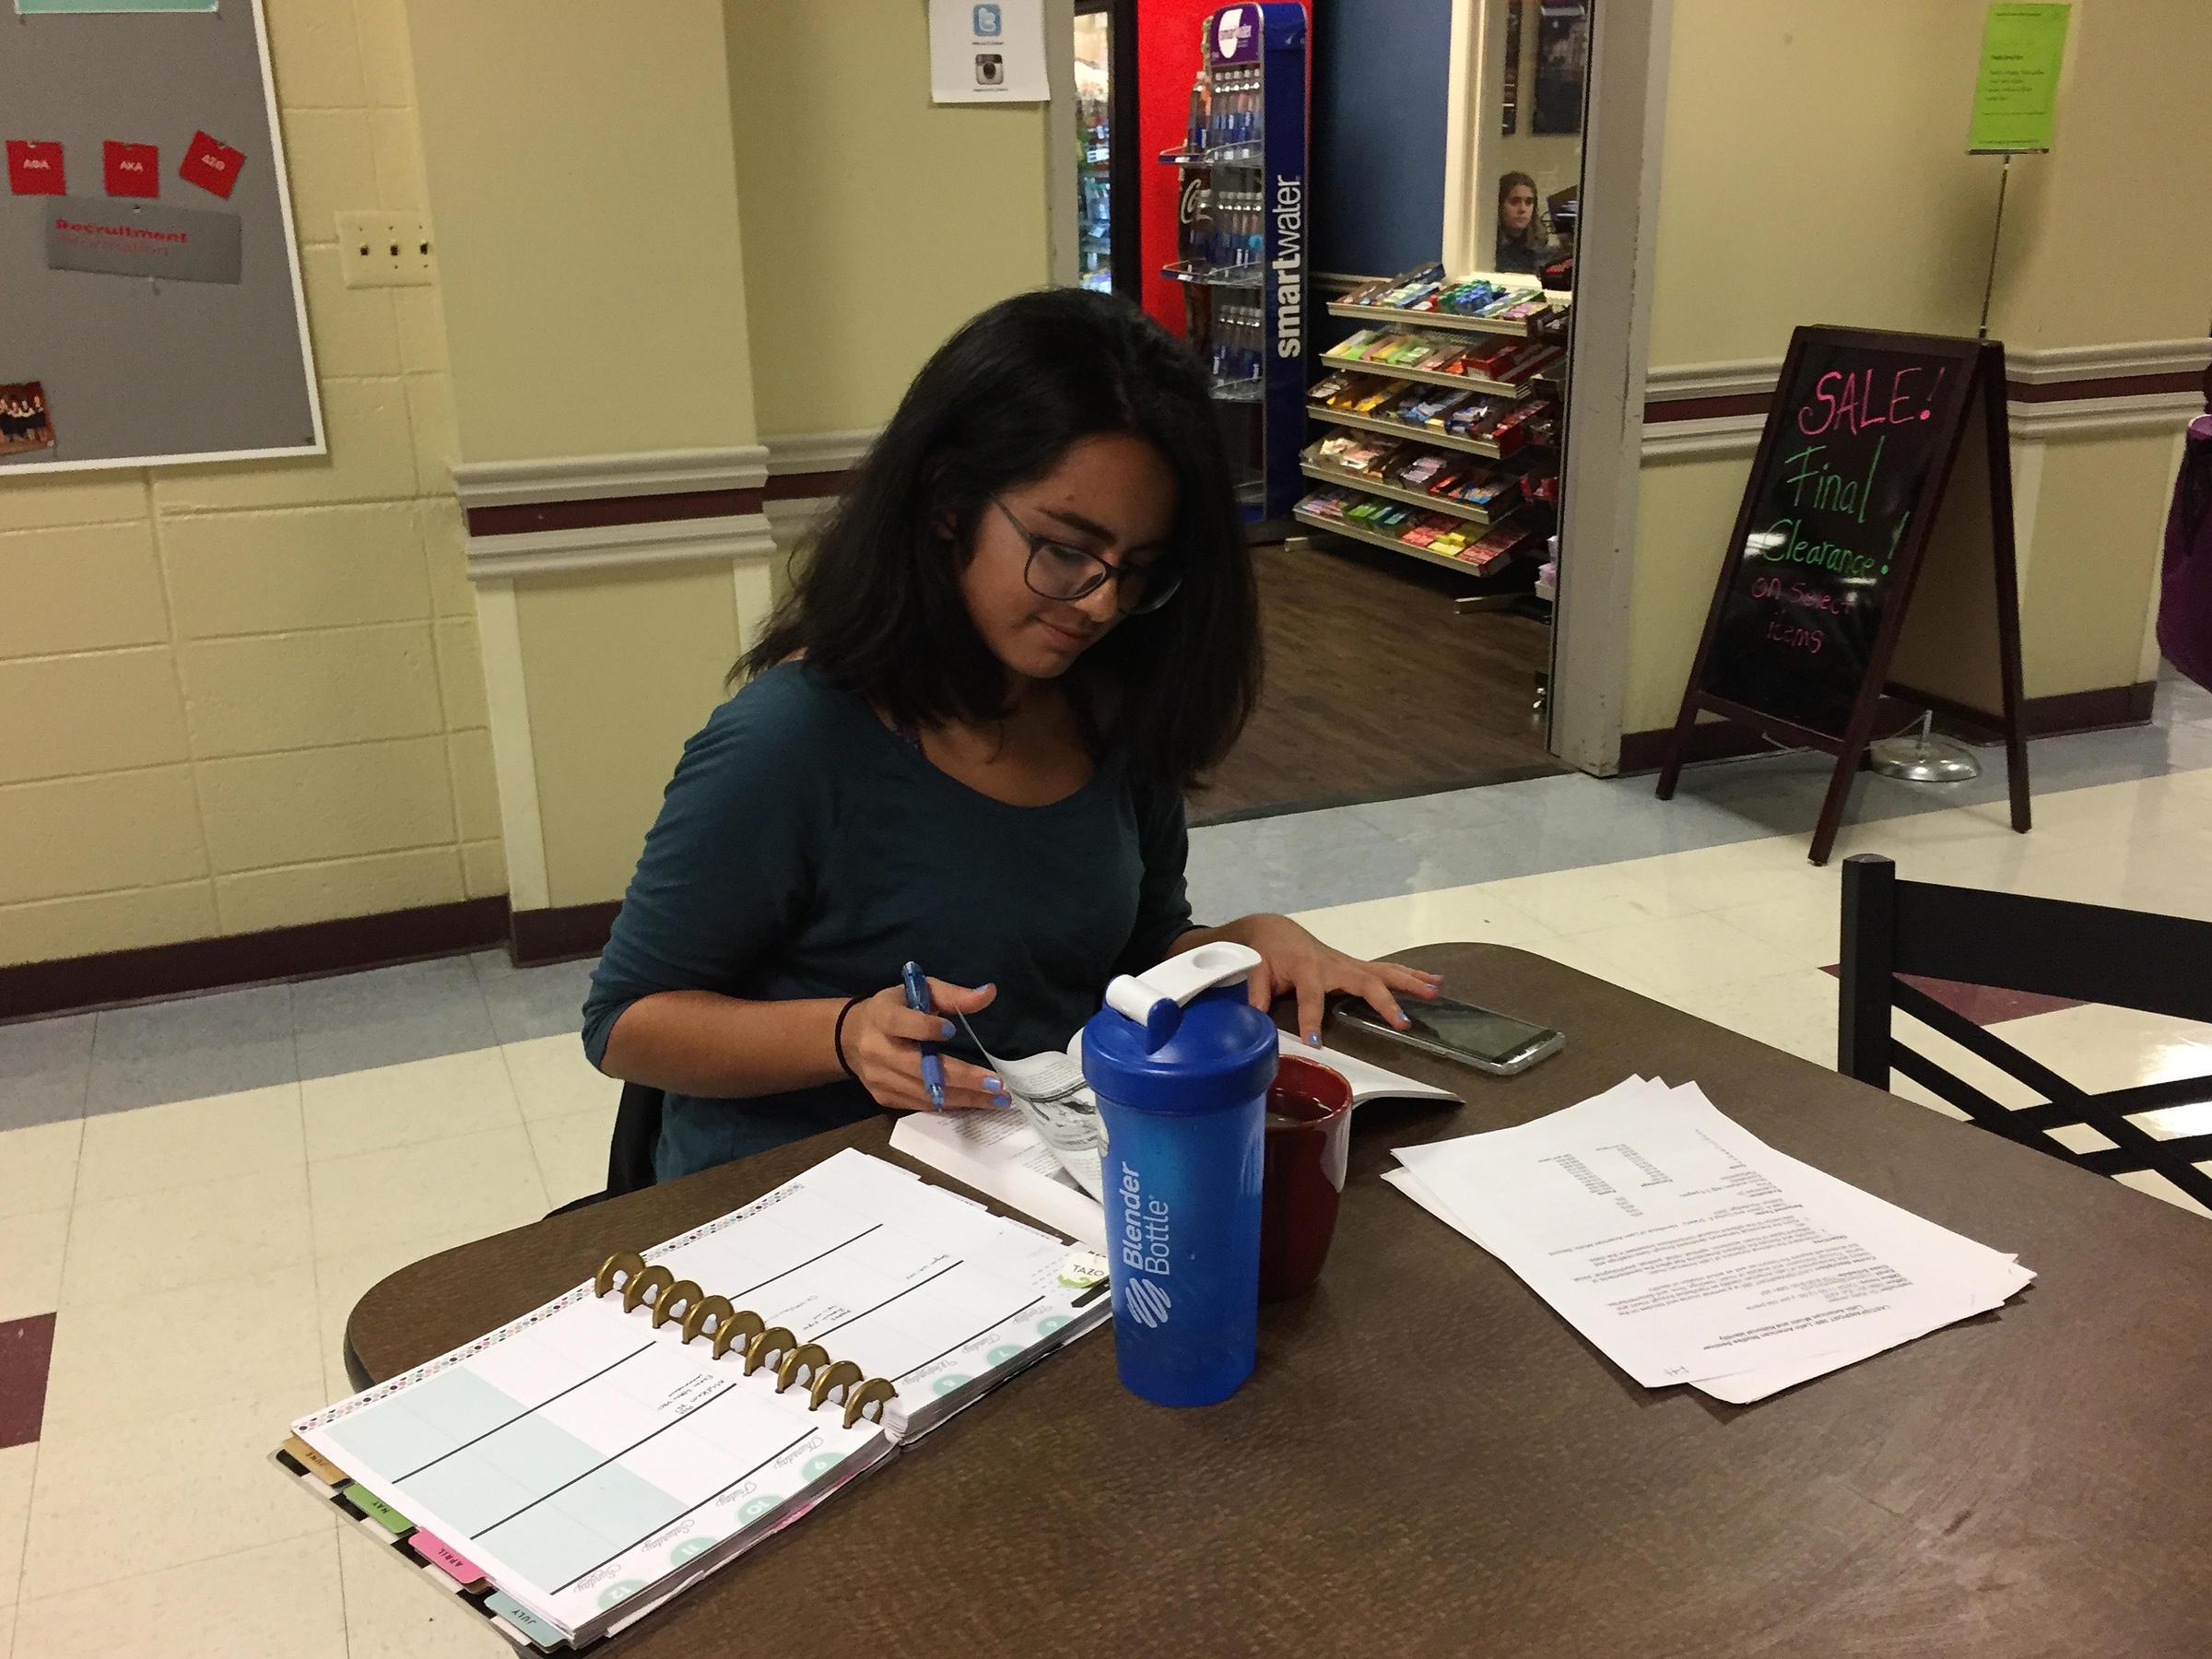 immigration senior project Visualizza il profilo di julia sandquist su linkedin, la più grande comunità professionale al mondo julia ha indicato 14 esperienze lavorative sul suo profilo.